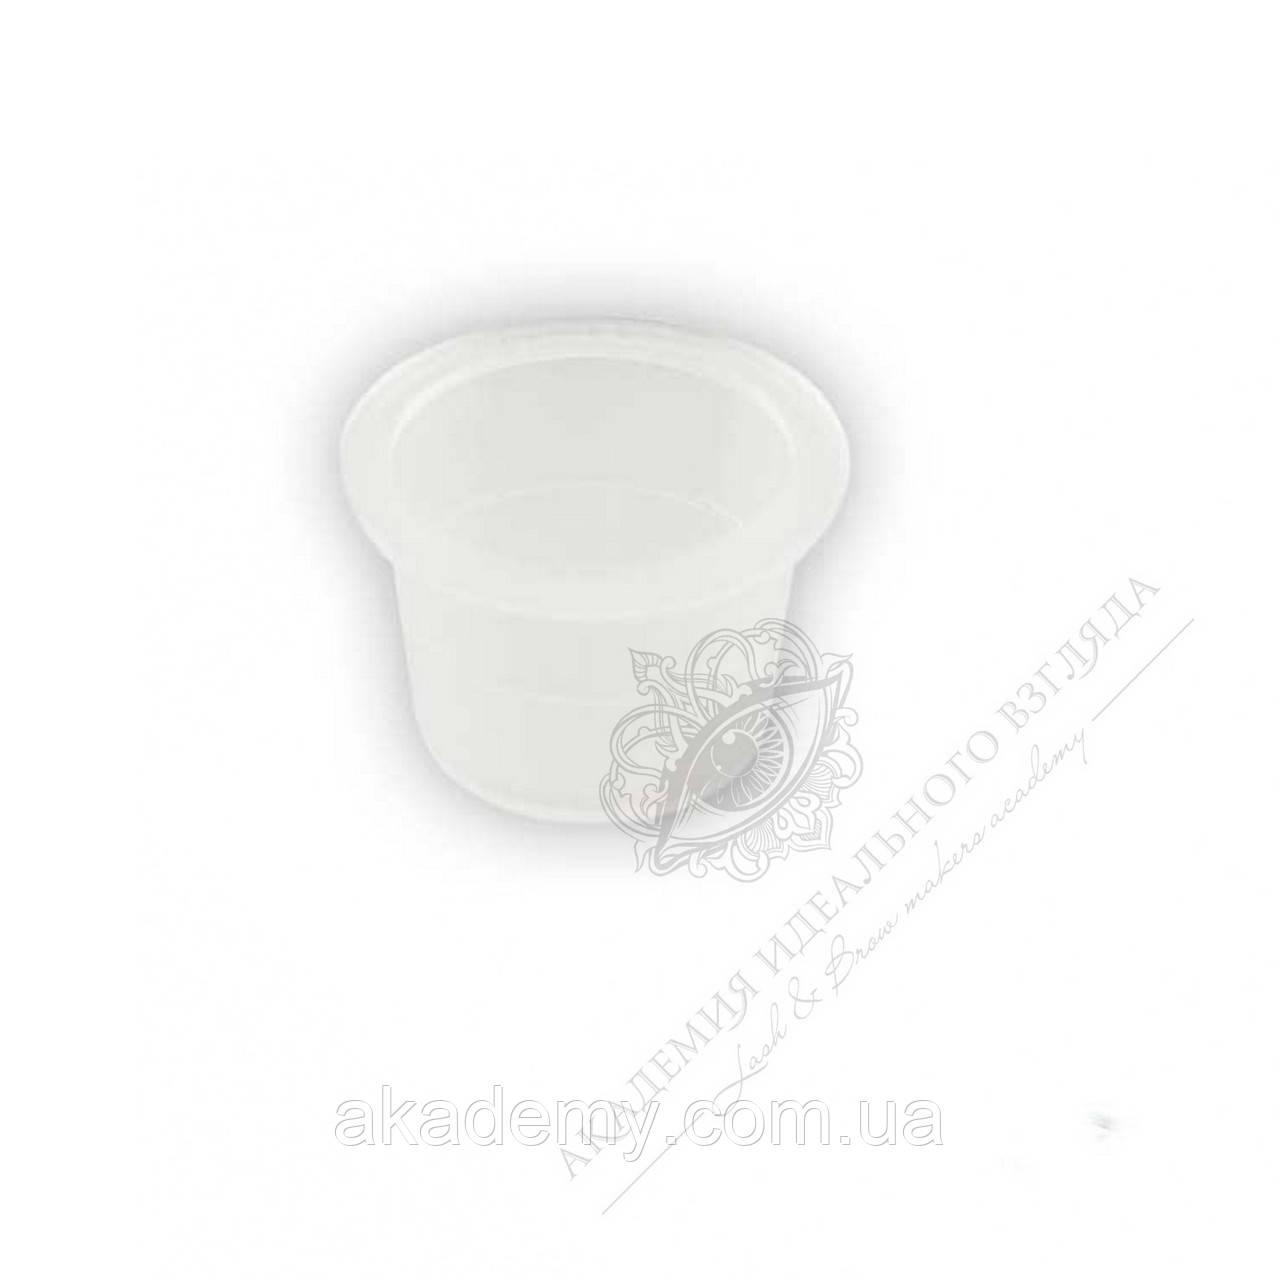 Колпачок для пигмента большой (диаметр 15 мм)